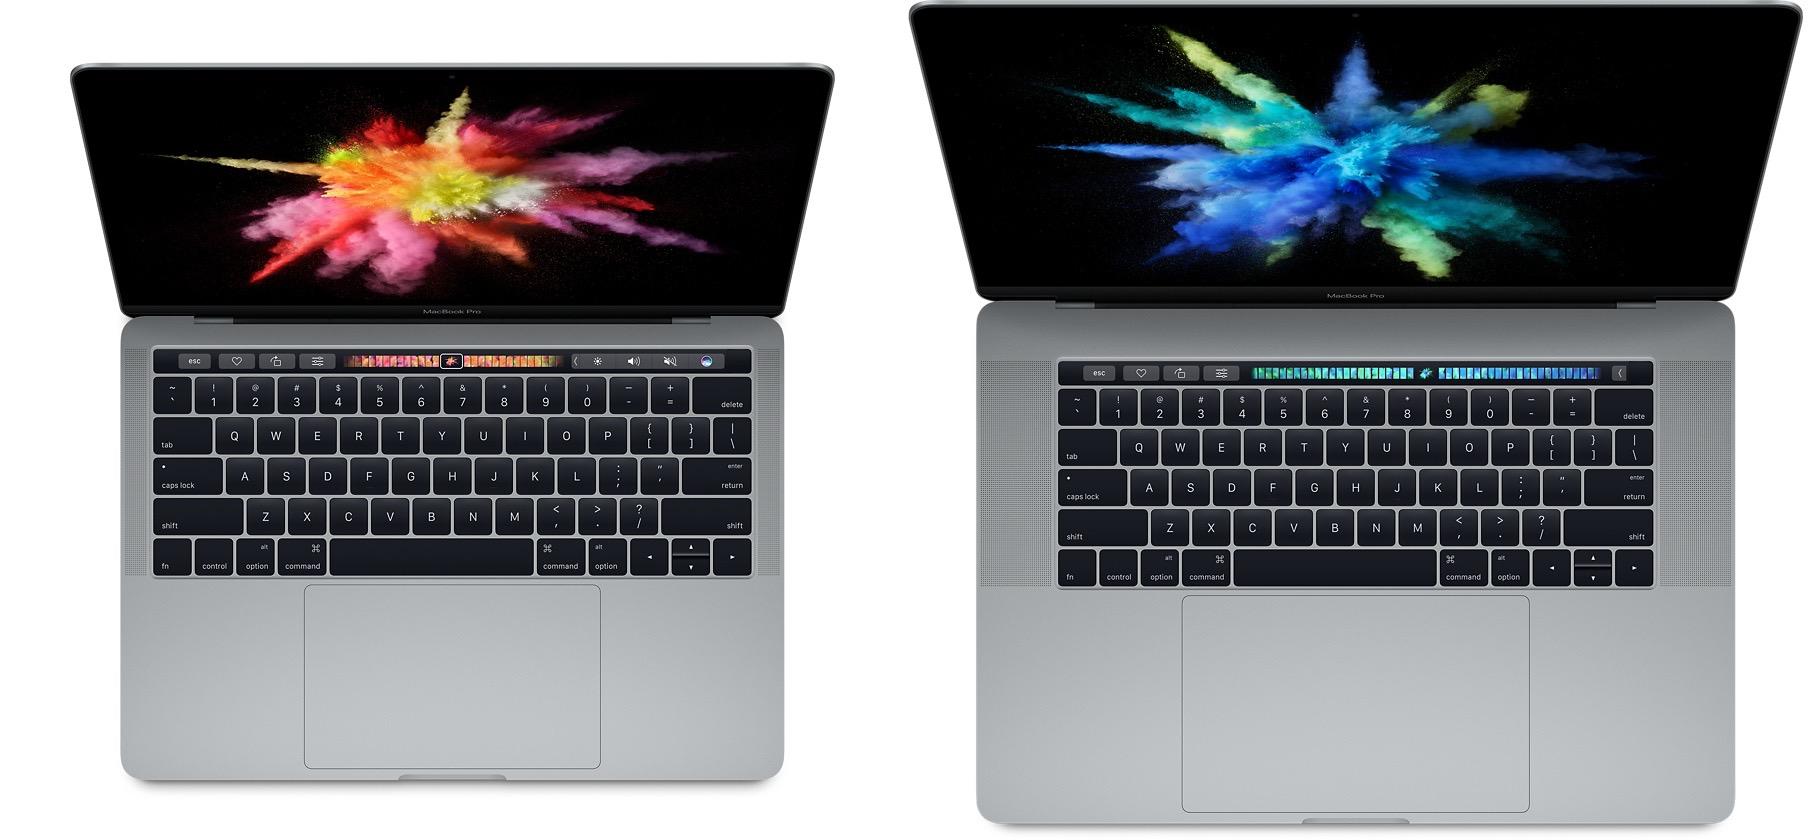 2016 13-inch MacBook Pro vs 15-inch MacBook Pro